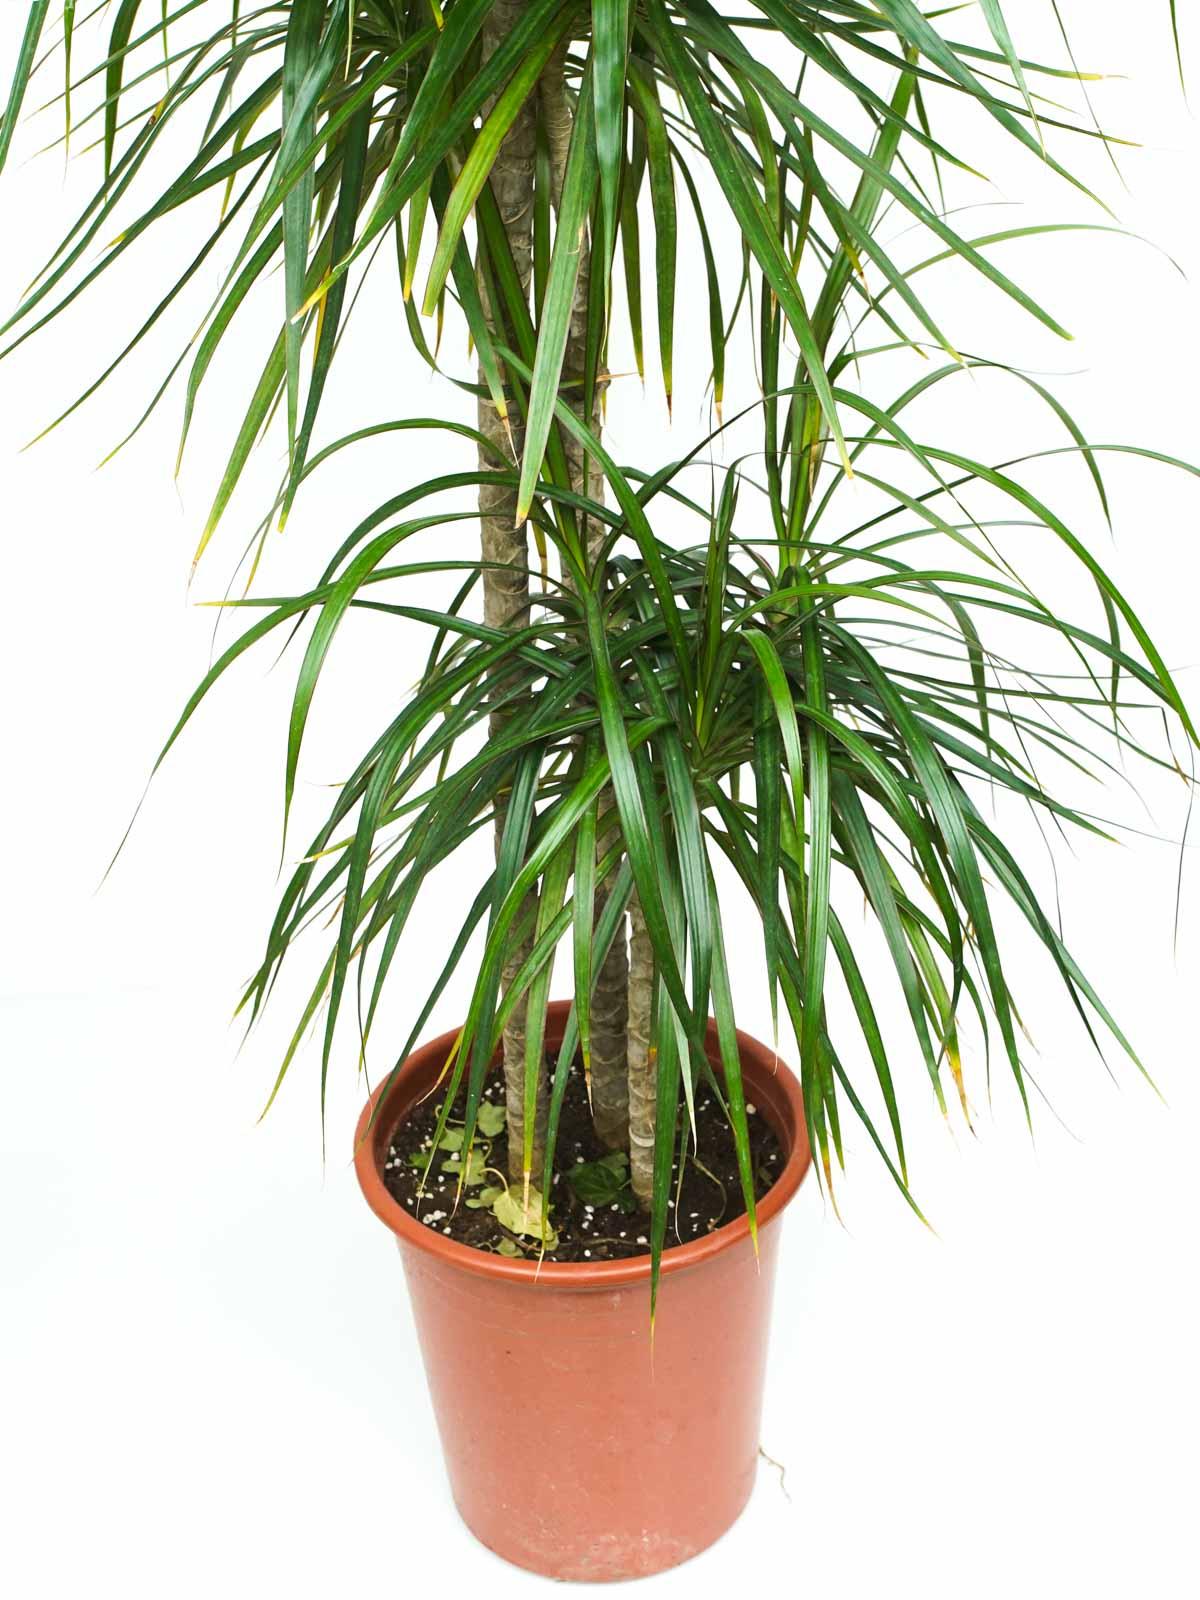 الخيزران مارجيناتا 'نباتات داخلية شجيرات